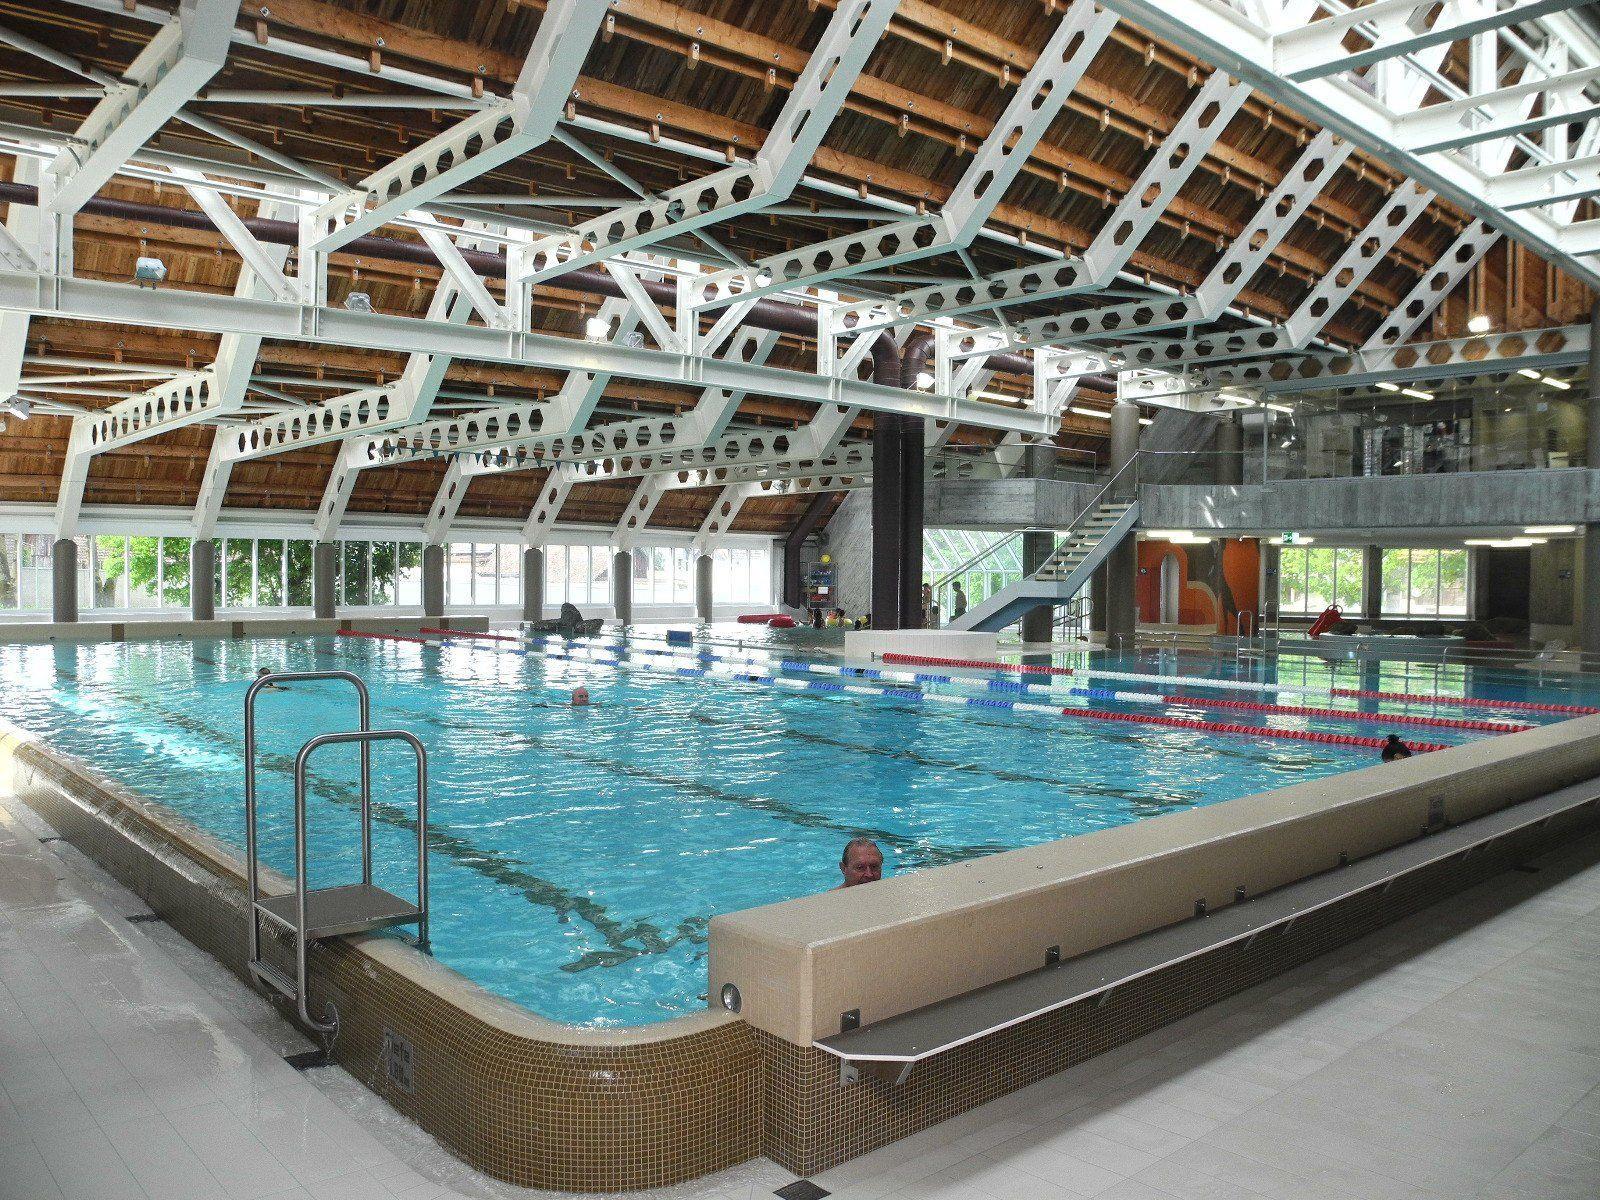 Das nächste Hallenbad befindet sich in Liechtenstein, genauer in Eschen